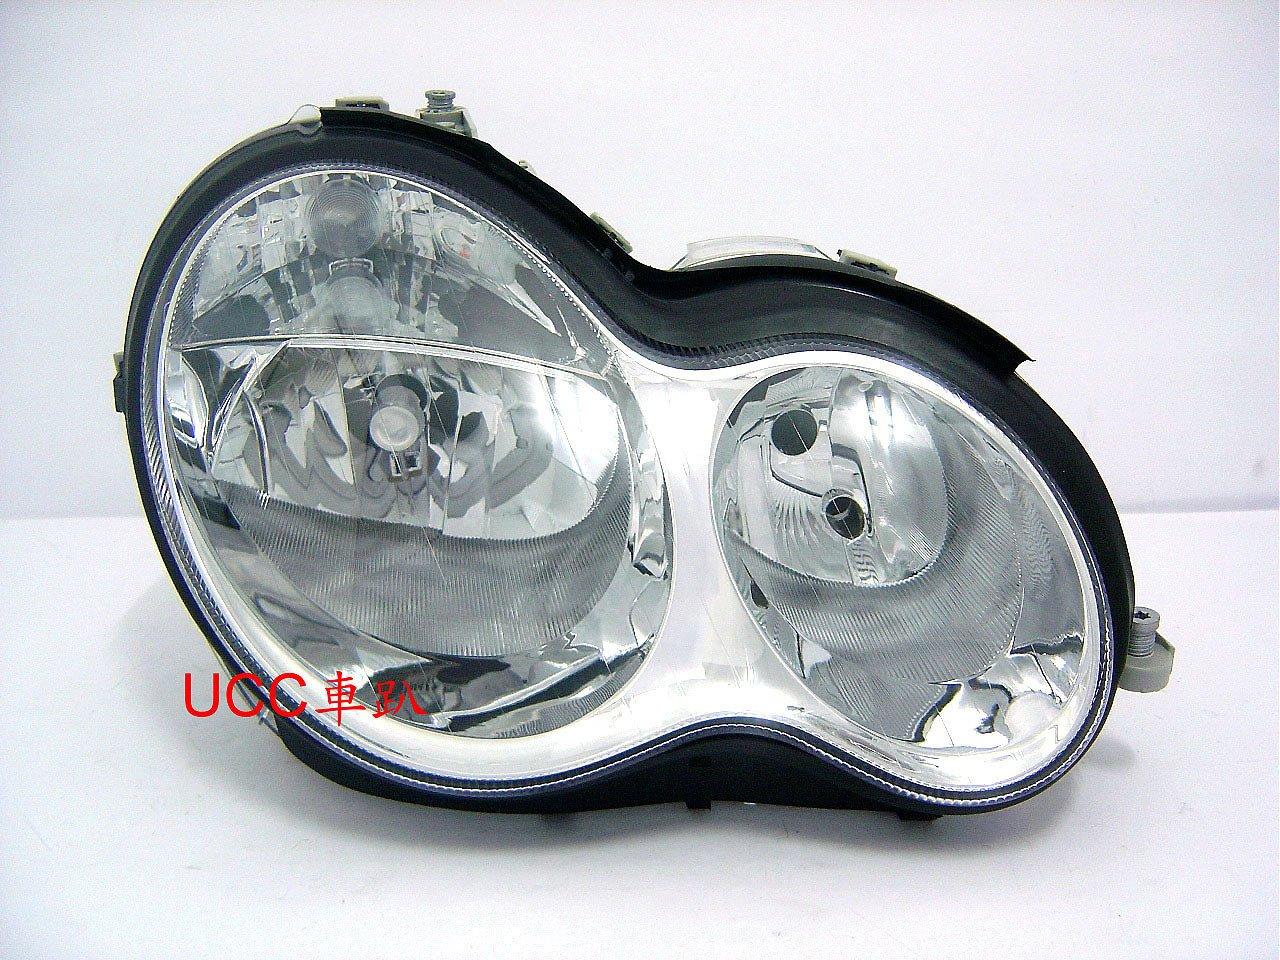 【UCC車趴】BENZ 賓士 W203 01 02 03 04-06 07 原廠型 晶鑽大燈 (TYC製)一邊3500